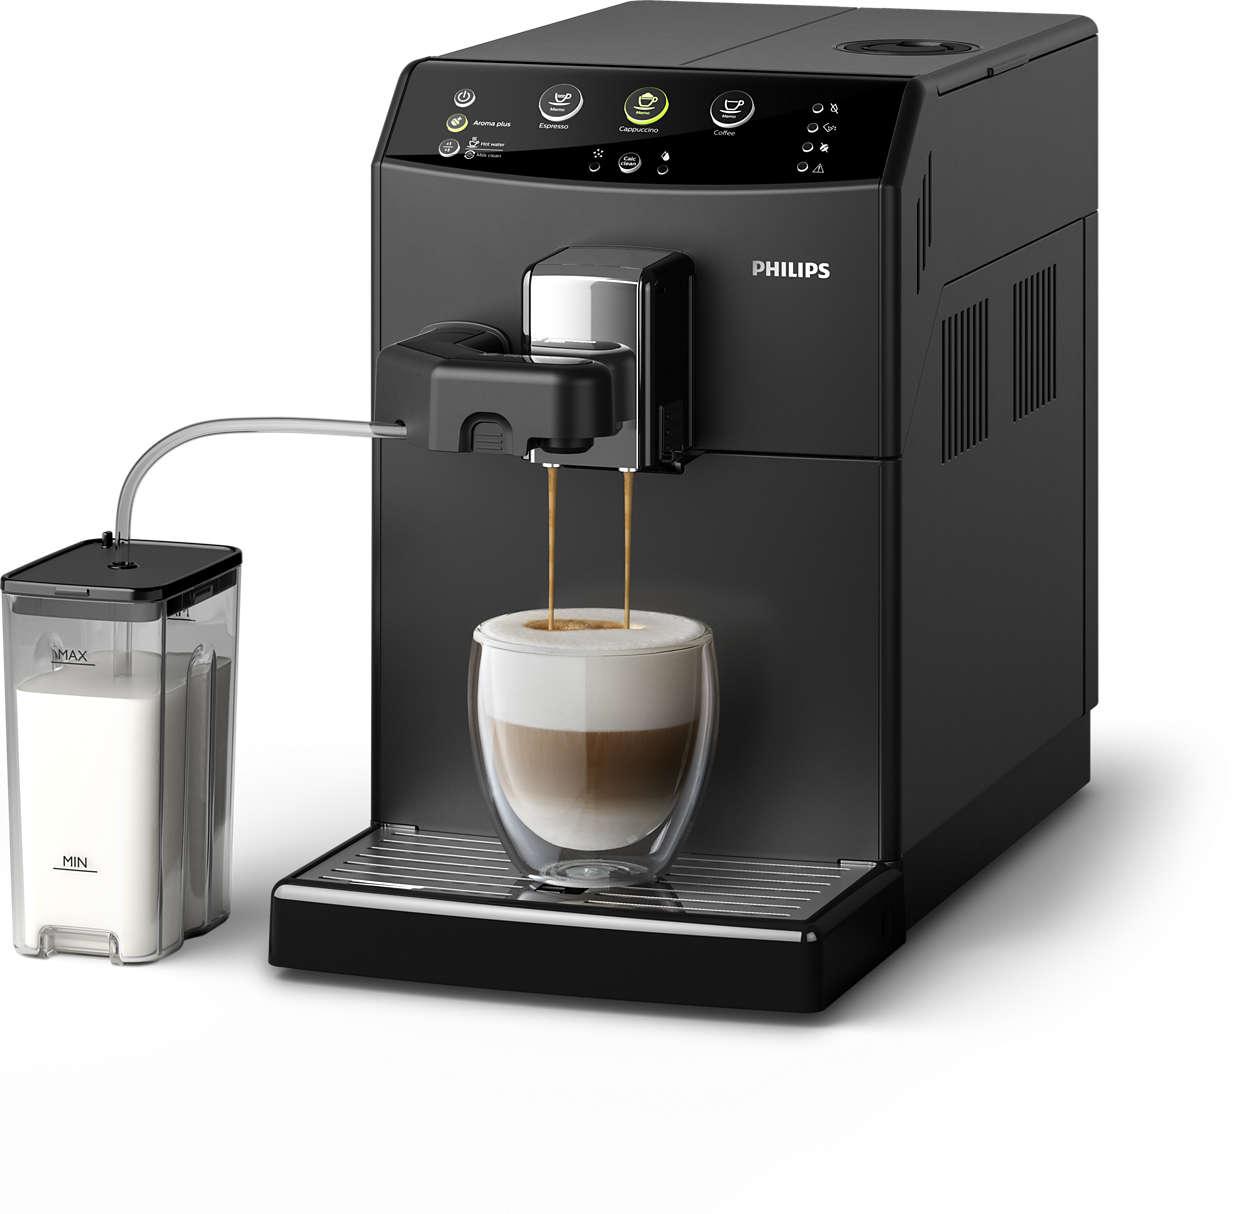 3000 series Automata eszpresszó kávéfőző HD882712 | Philips